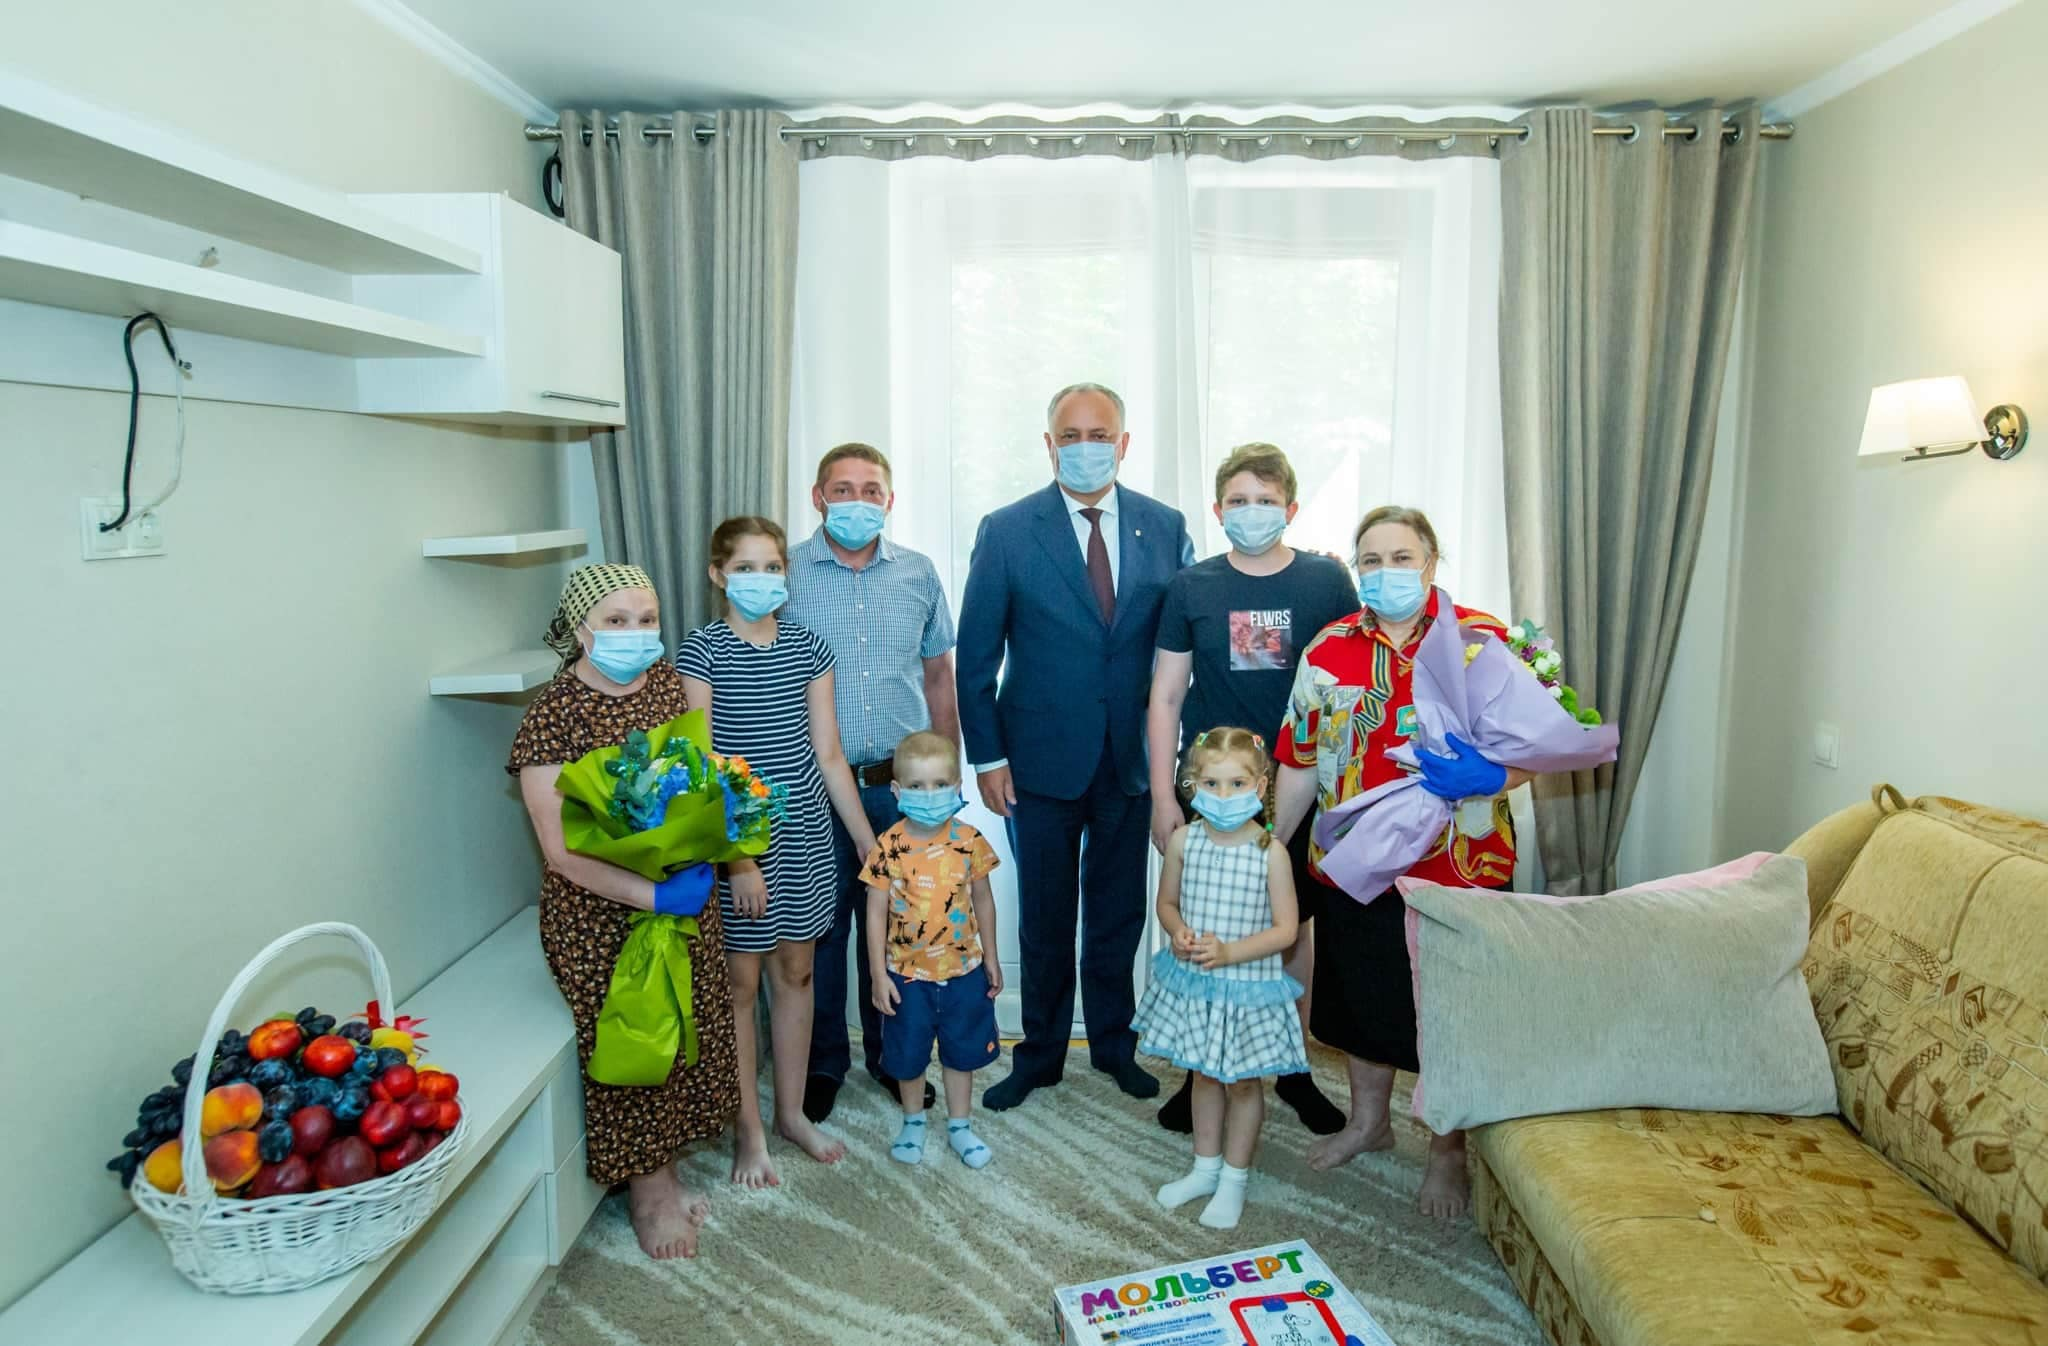 Президент помог еще одной семье обрести крышу над головой (ФОТО, ВИДЕО)